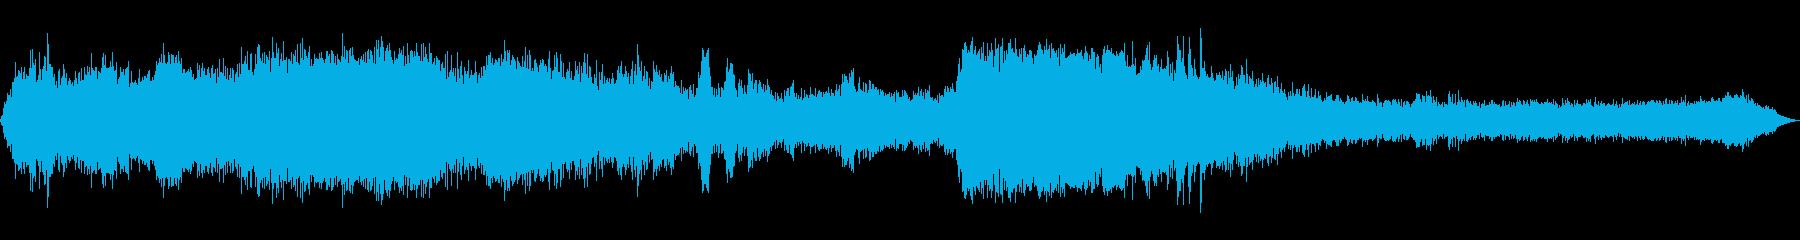 INT:ラフギアシフトで減速するの再生済みの波形